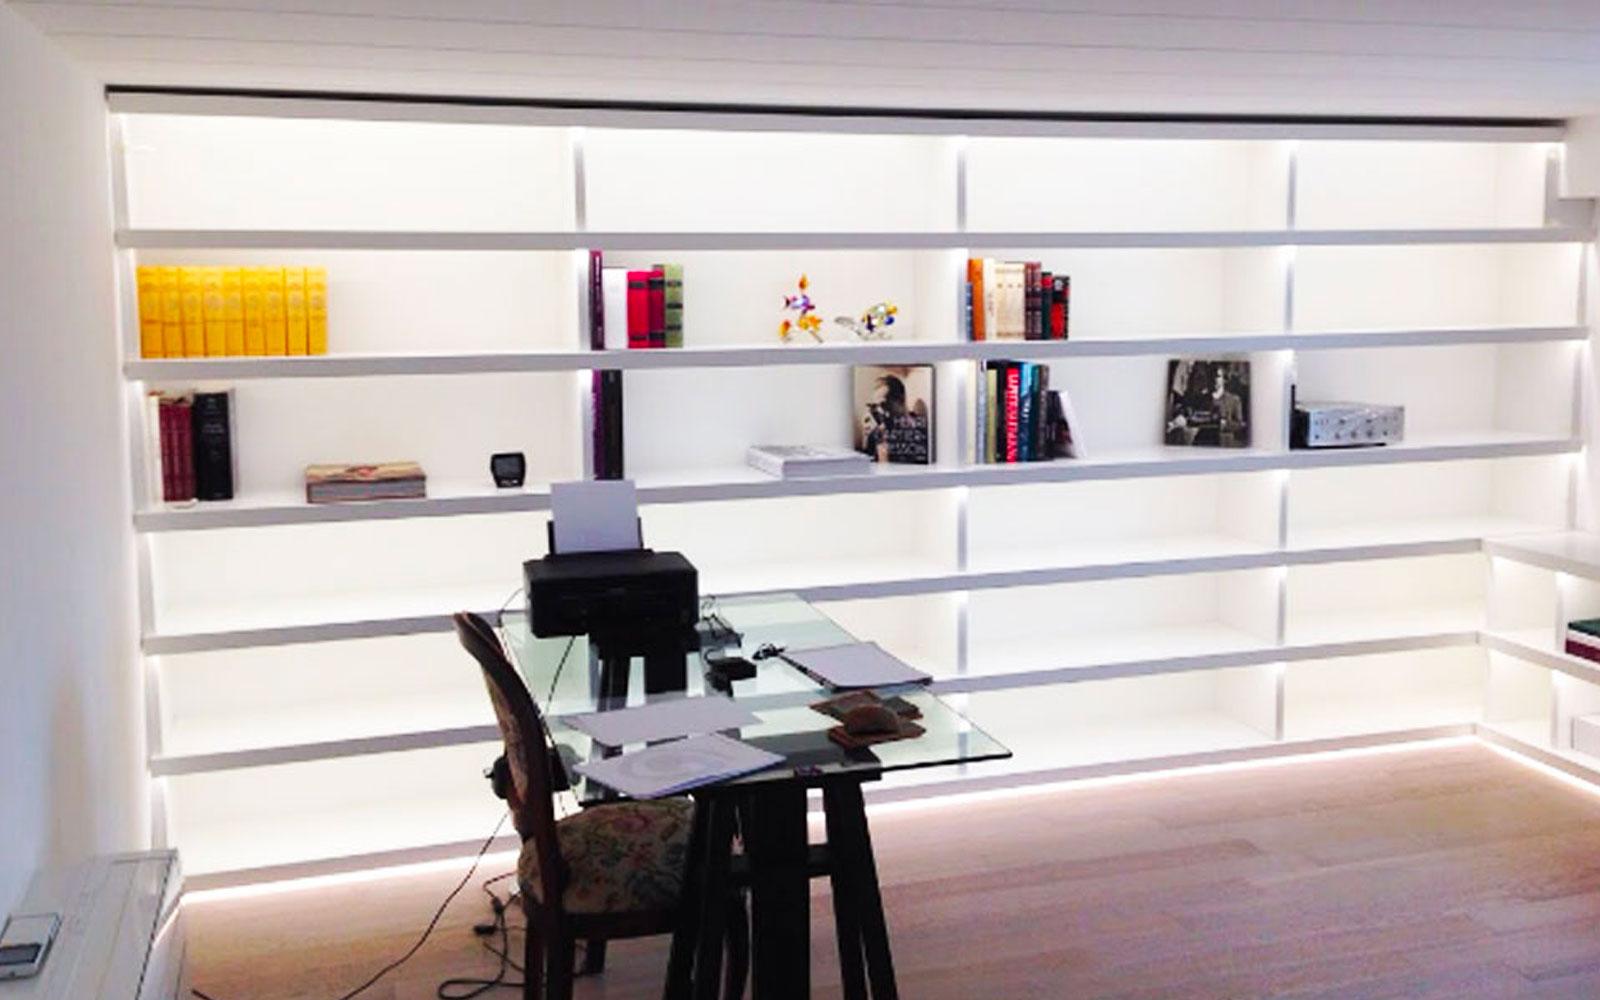 Libreria A Muro Illuminata A Led